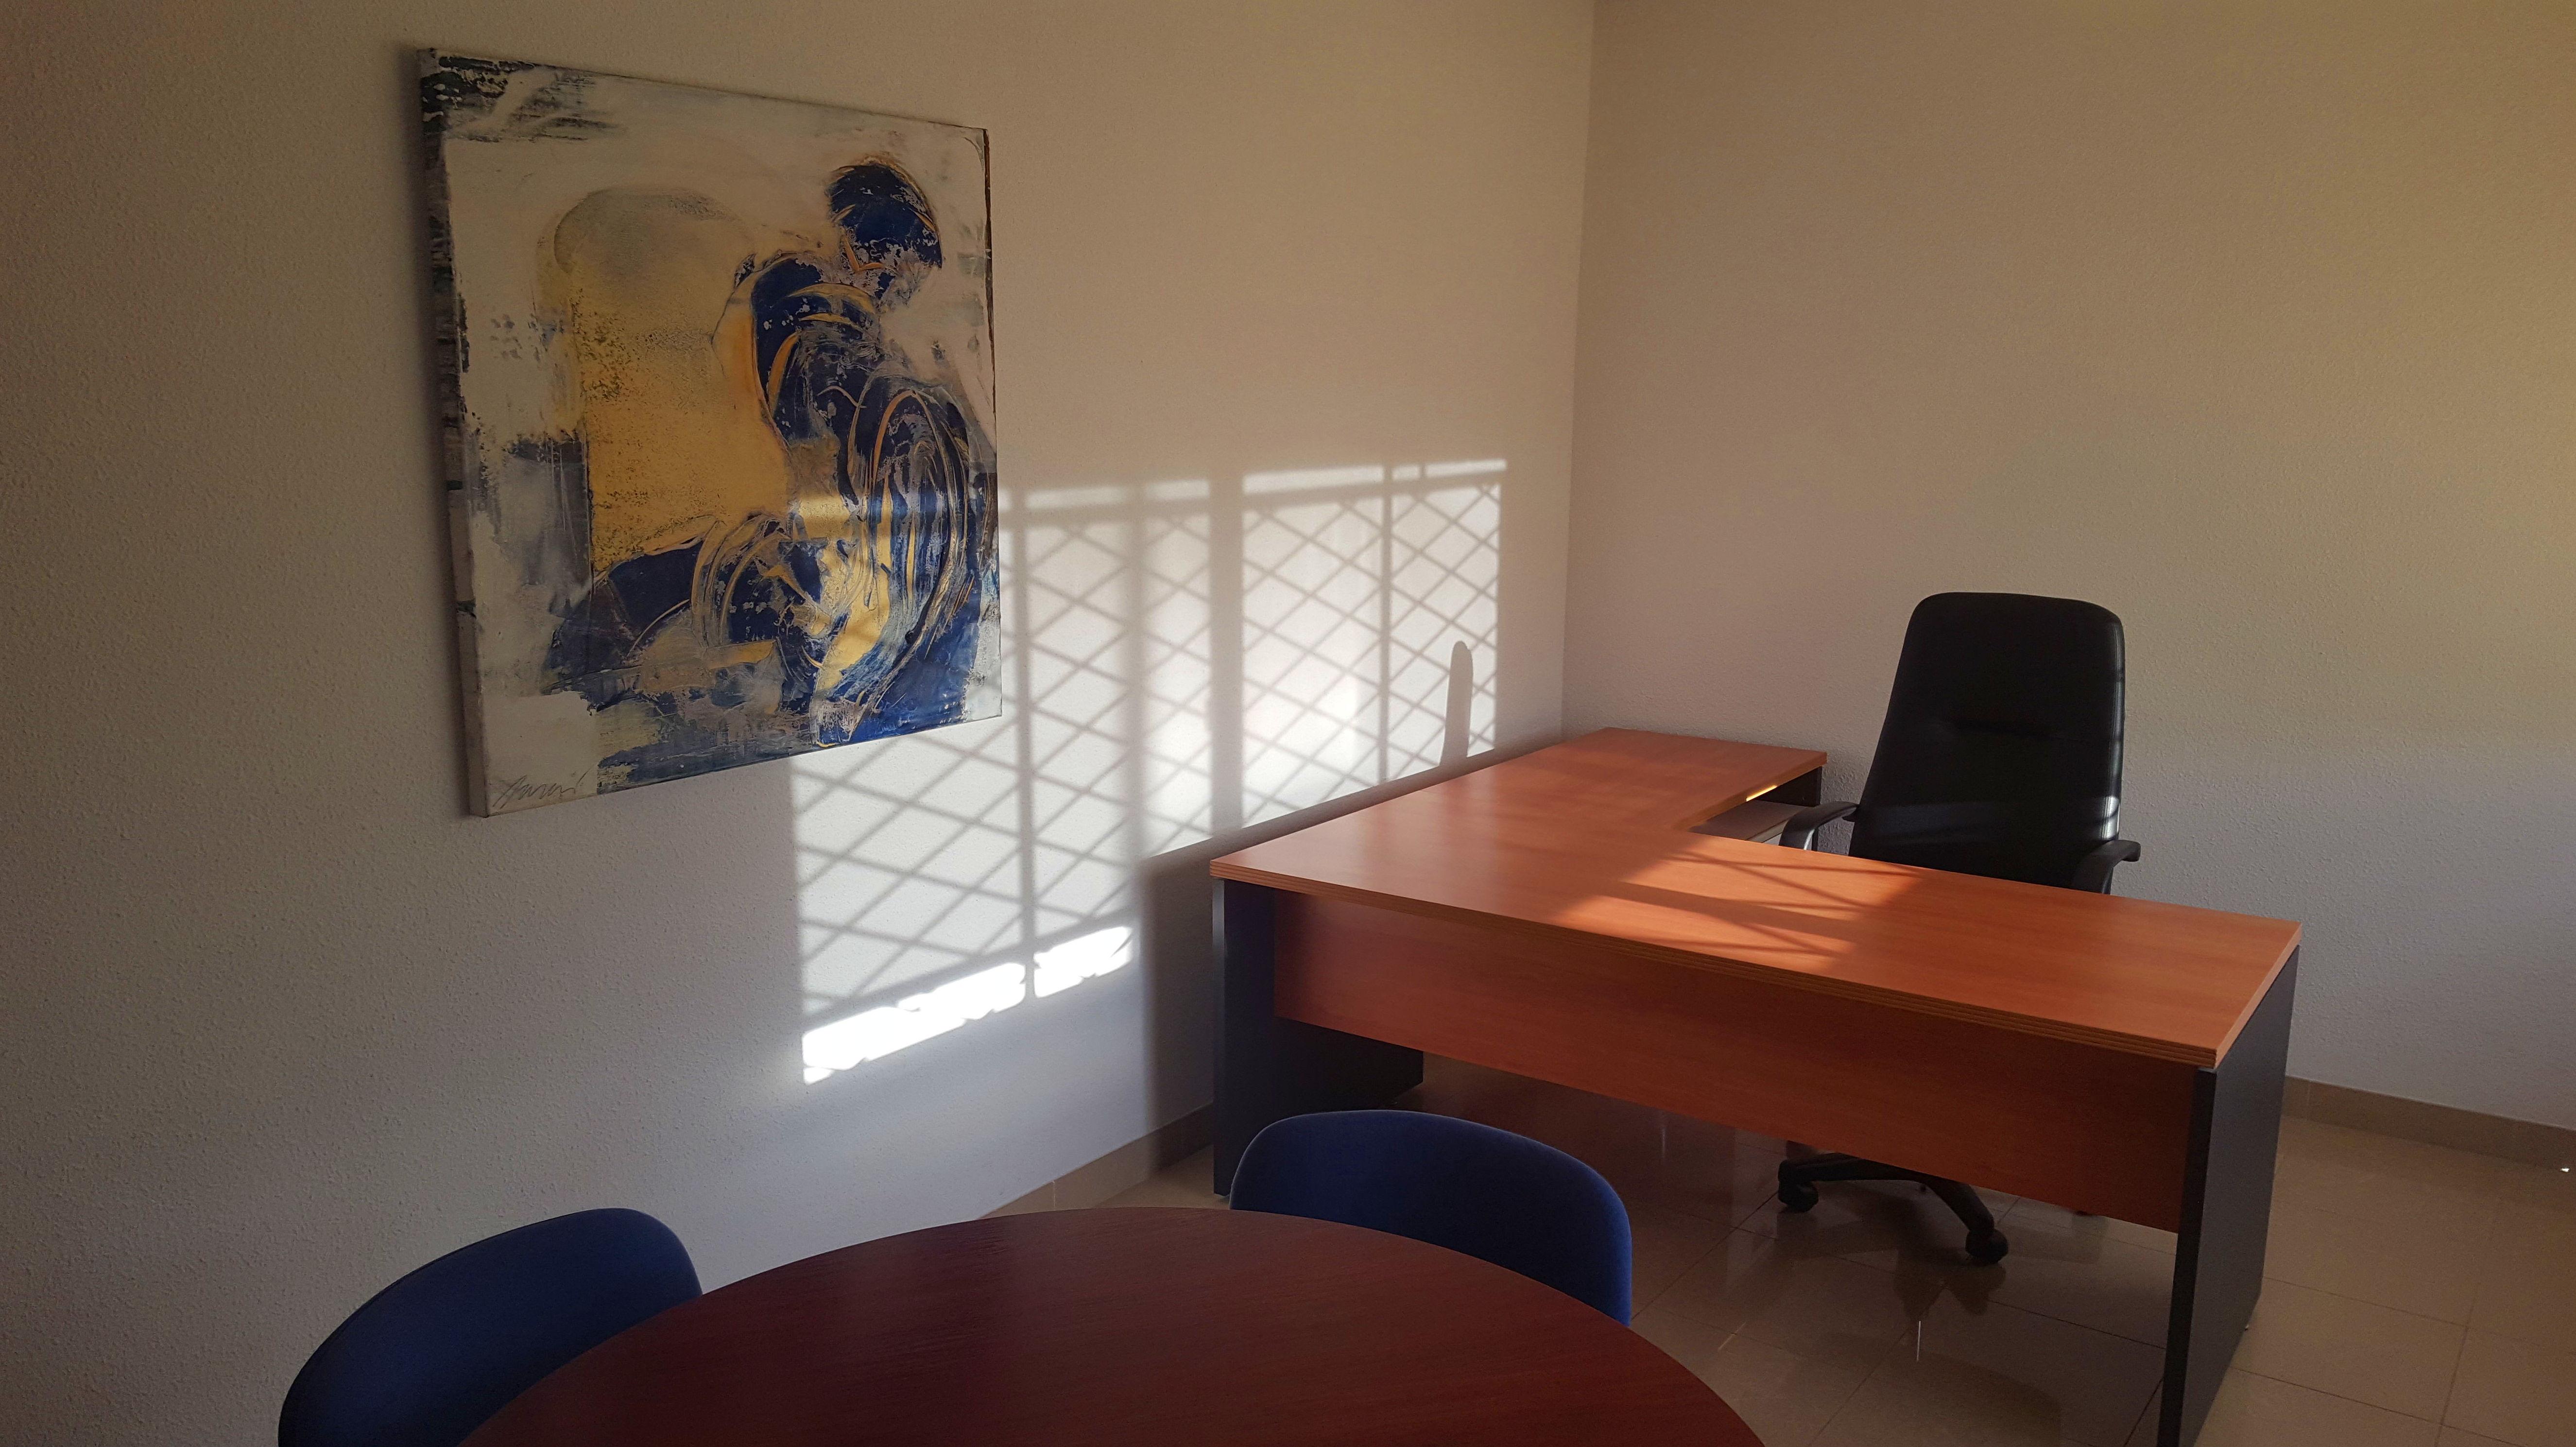 Foto 3 de Alquiler salas totalmente equipadas en Palma de Mallorca | Centro de negocios Son Castelló